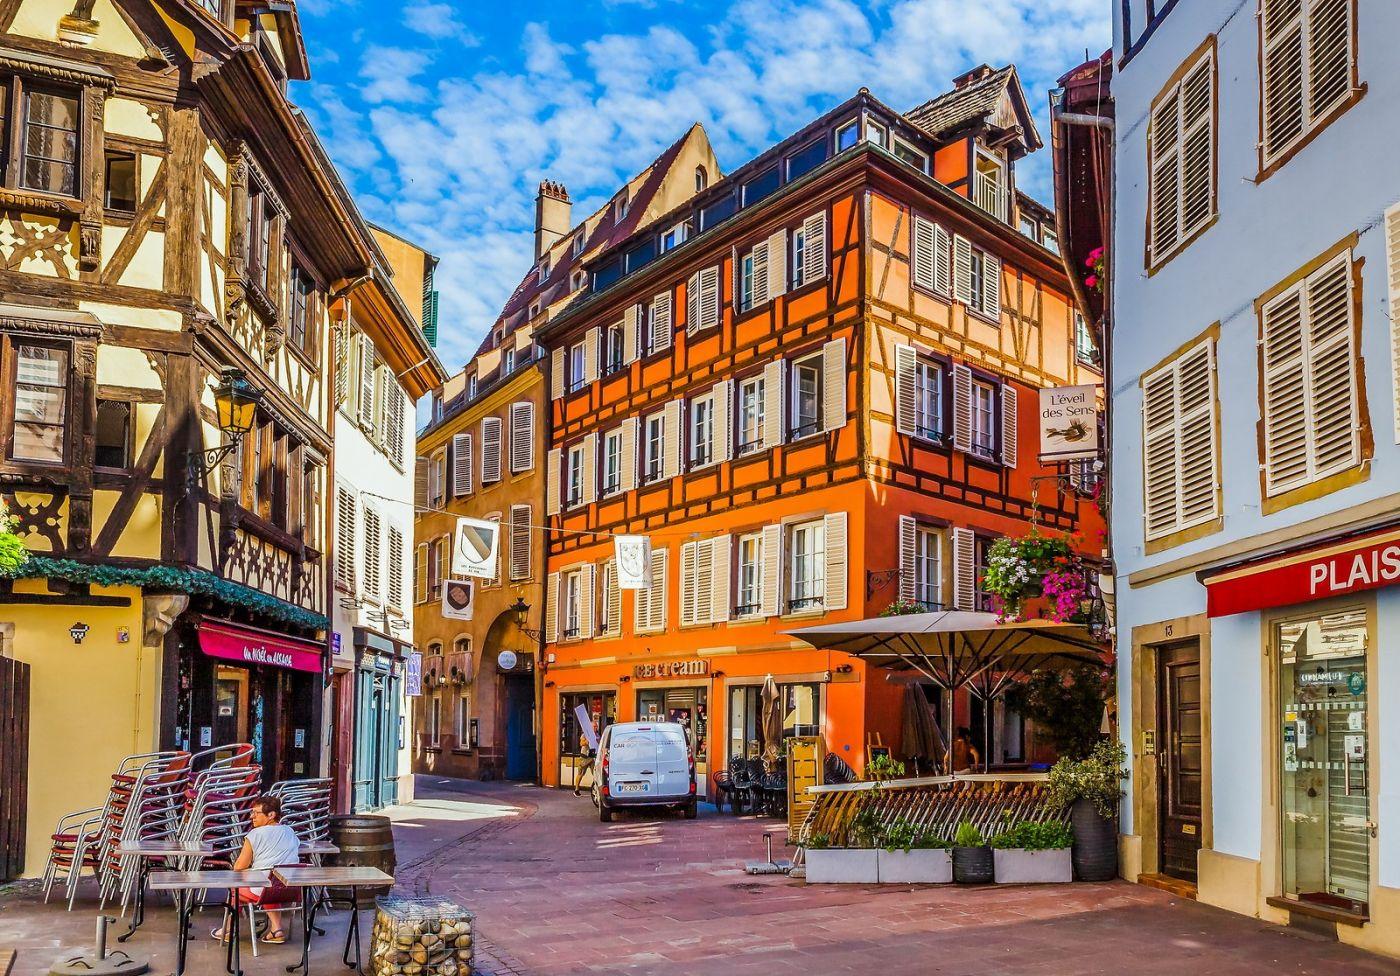 法国斯特拉斯堡(Strasbourg),边走边拍_图1-4